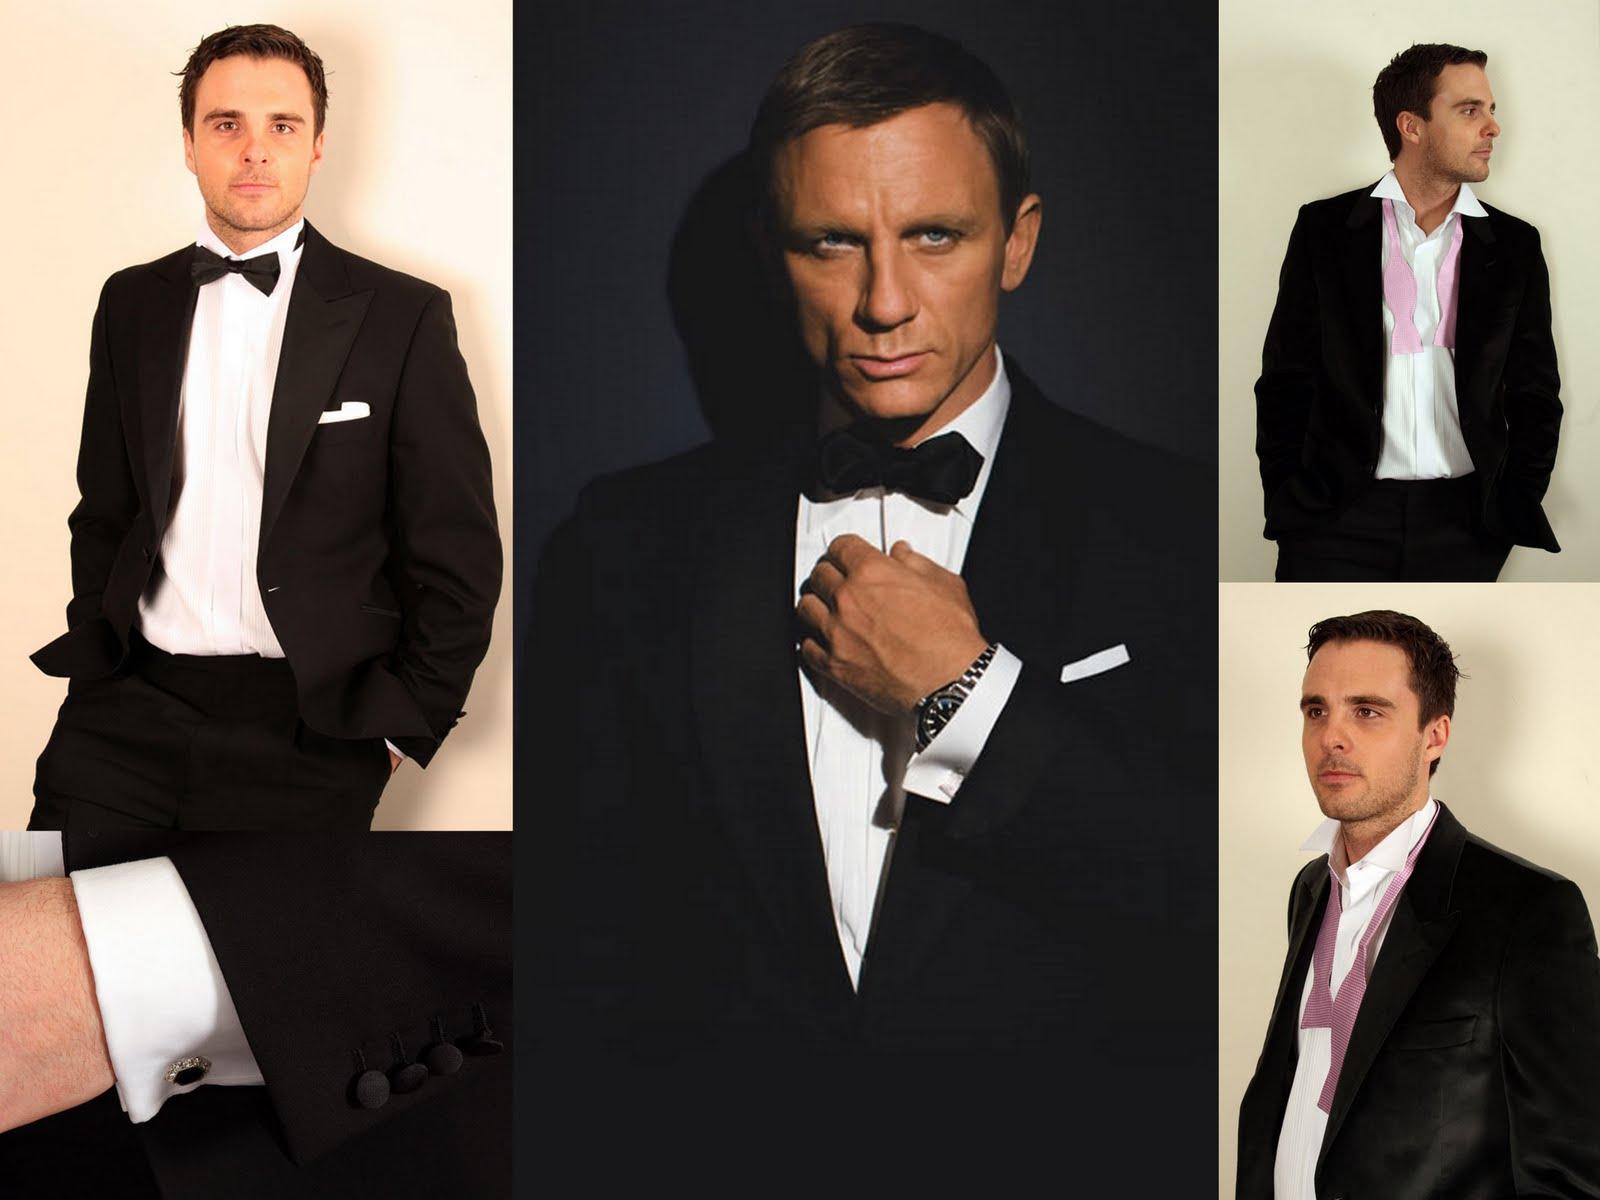 http://3.bp.blogspot.com/-Jmtf_u1JGf0/TholVaGx3xI/AAAAAAAAACQ/lBAdOUQ6zsw/s1600/Bond+Look.jpg